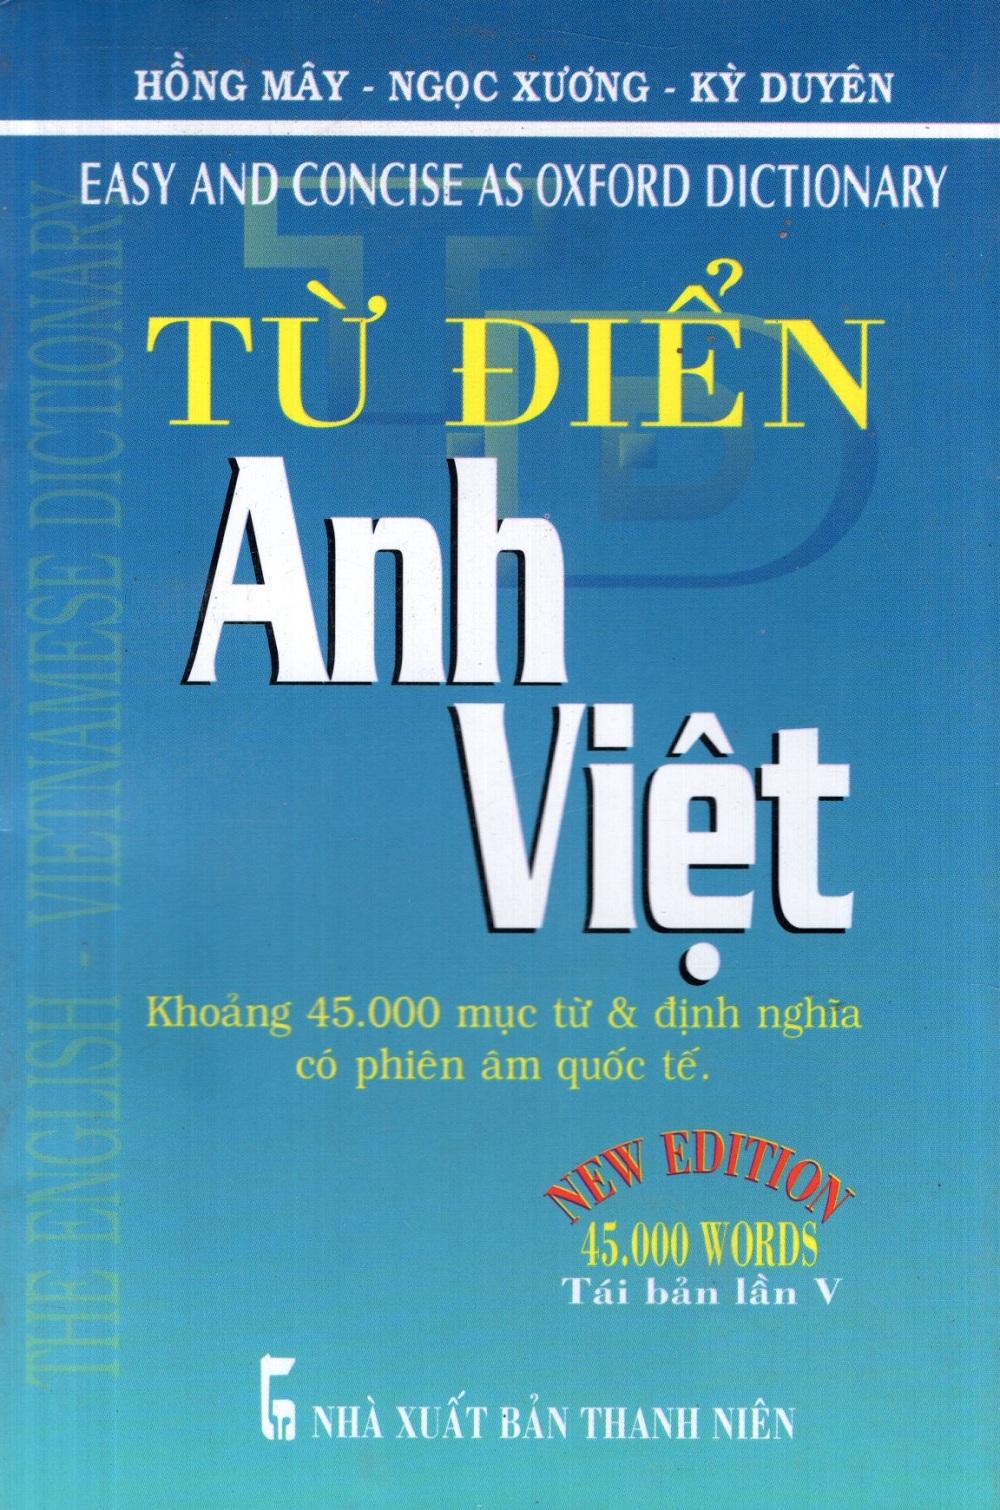 Bìa sách Từ Điển Anh - Việt (Khoảng 45.000 Từ) - Sách Bỏ Túi